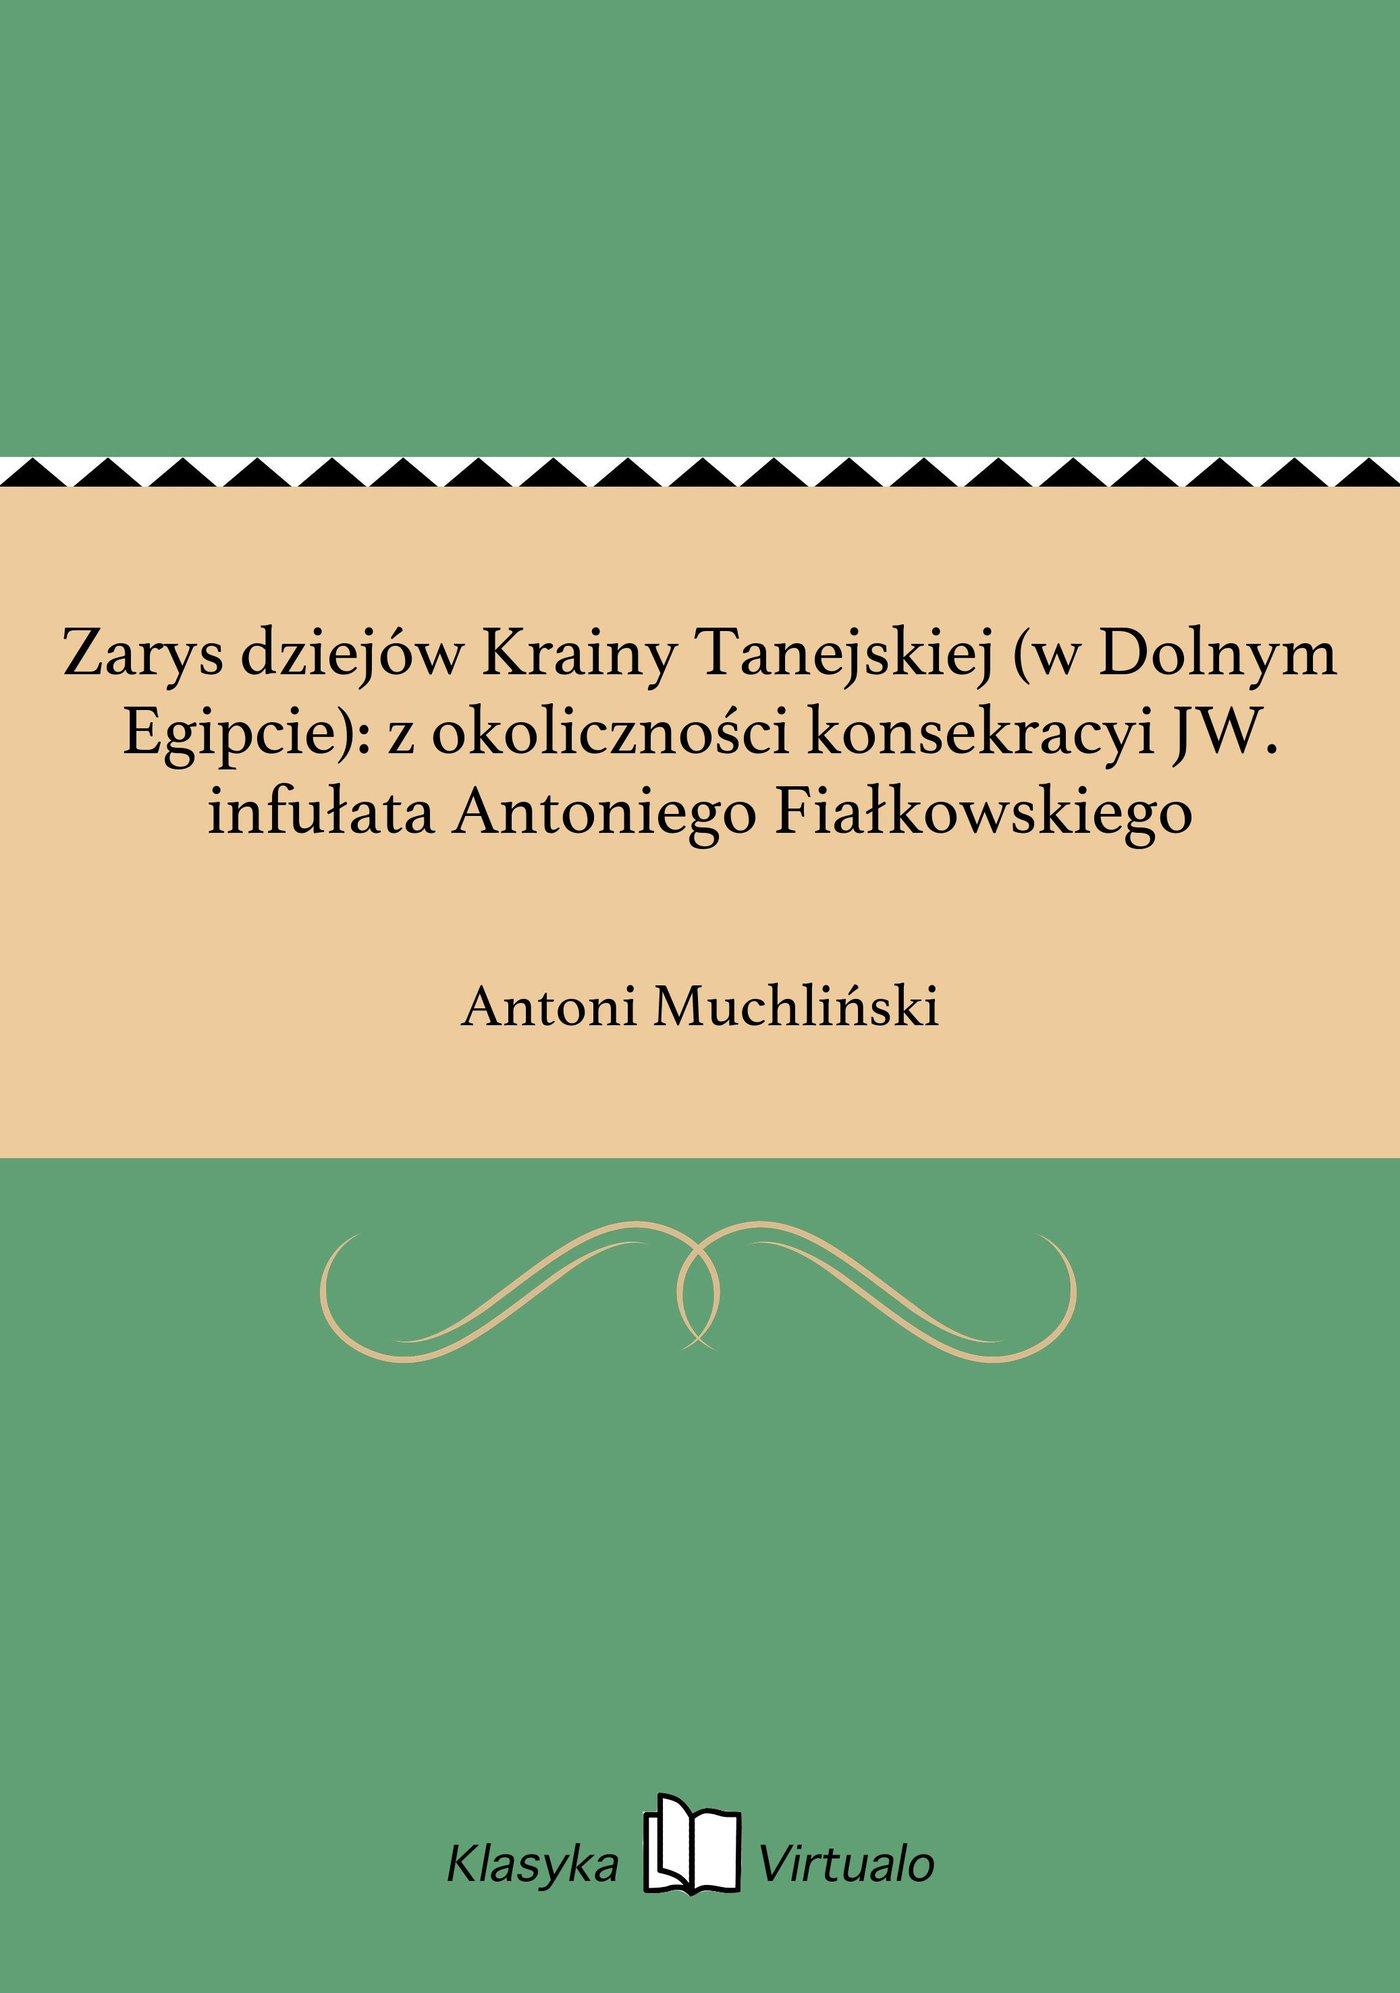 Zarys dziejów Krainy Tanejskiej (w Dolnym Egipcie): z okoliczności konsekracyi JW. infułata Antoniego Fiałkowskiego - Ebook (Książka na Kindle) do pobrania w formacie MOBI